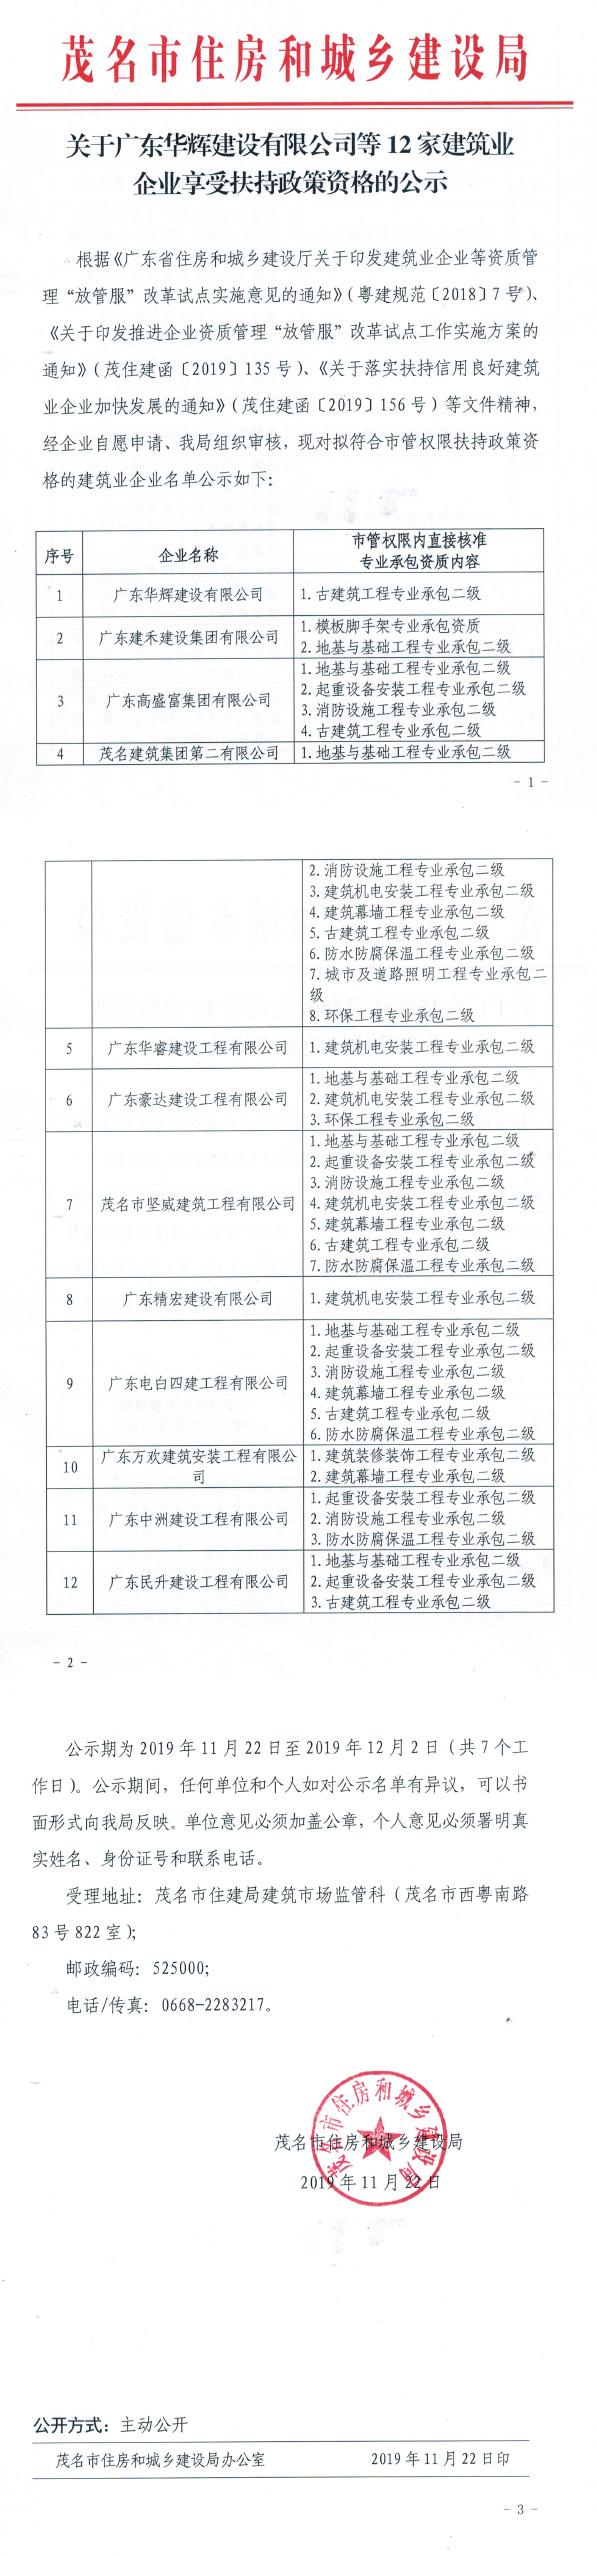 关于广东华辉建设有限公司等12家建筑业企业享受扶持政策资格的公示.jpg